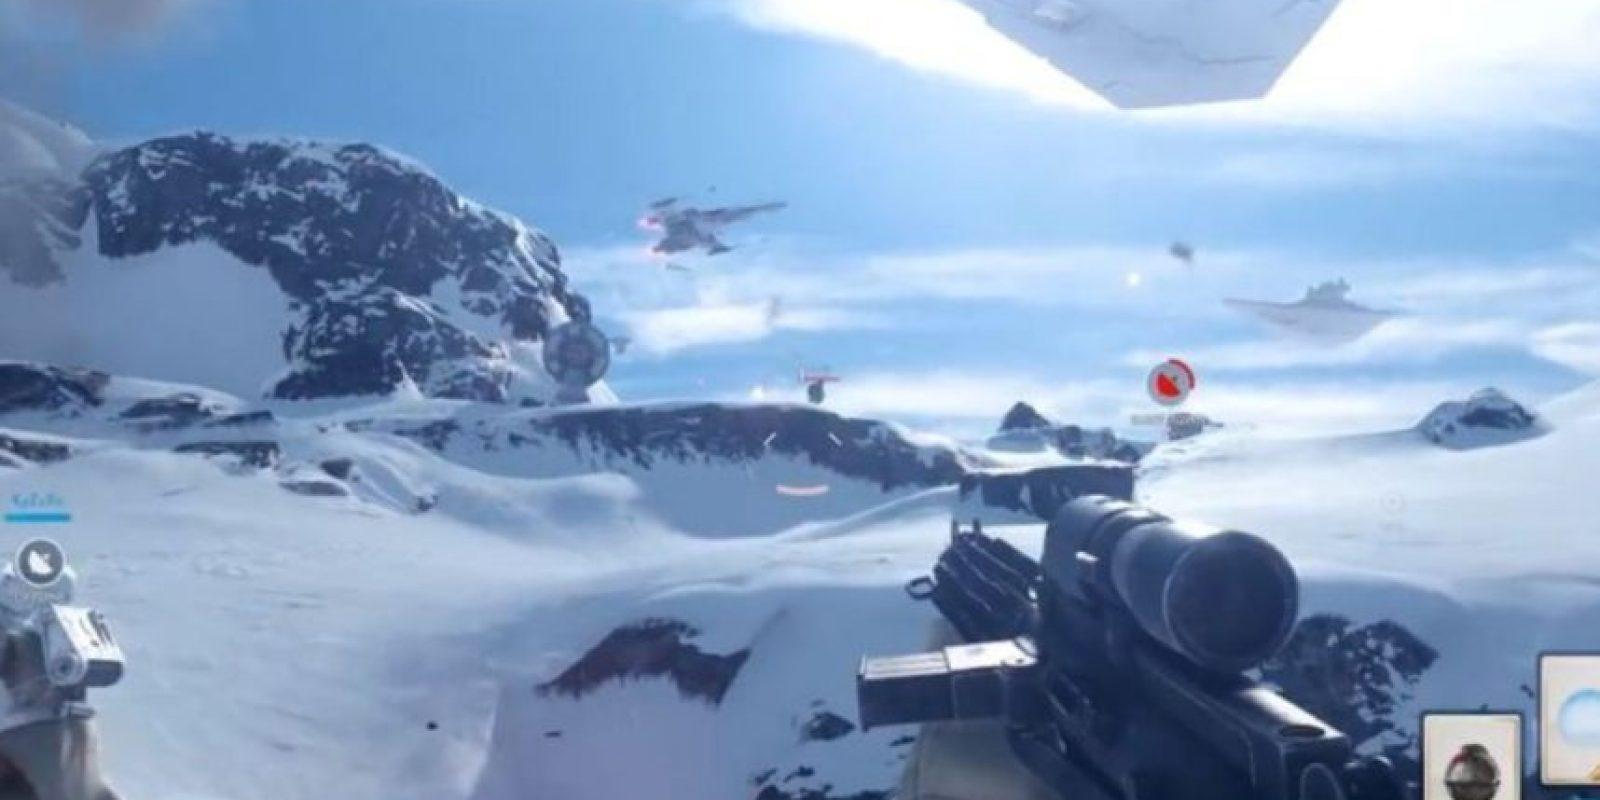 """Serán parte del imperio o de lo rebeldes, enfrascados en una verdadera guerra cósmica entre """"Jedis"""" y """"Siths"""". Foto:Electronic Arts"""